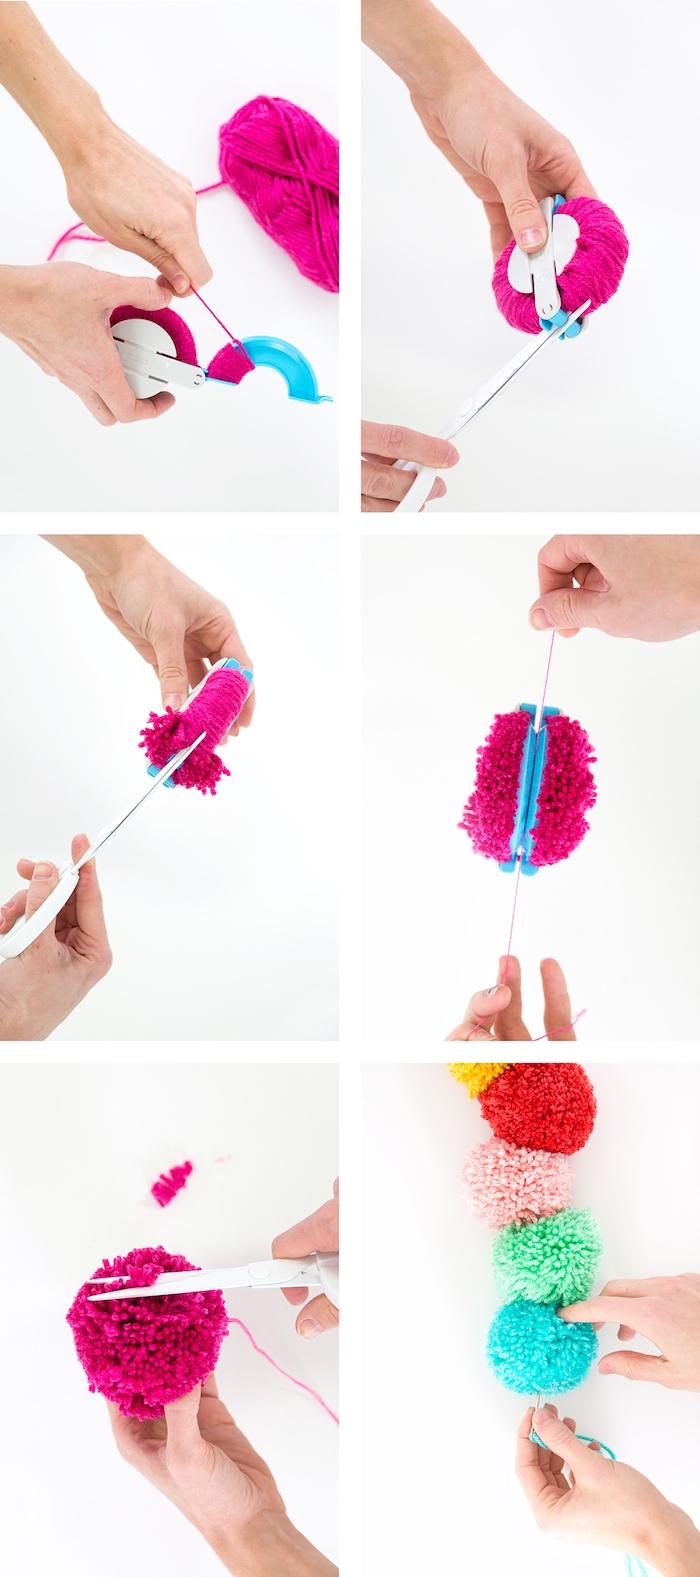 Kreatives Weihnachtsgeschenk selber machen, Schal aus bunten Bommeln zu Weihnachten schenken